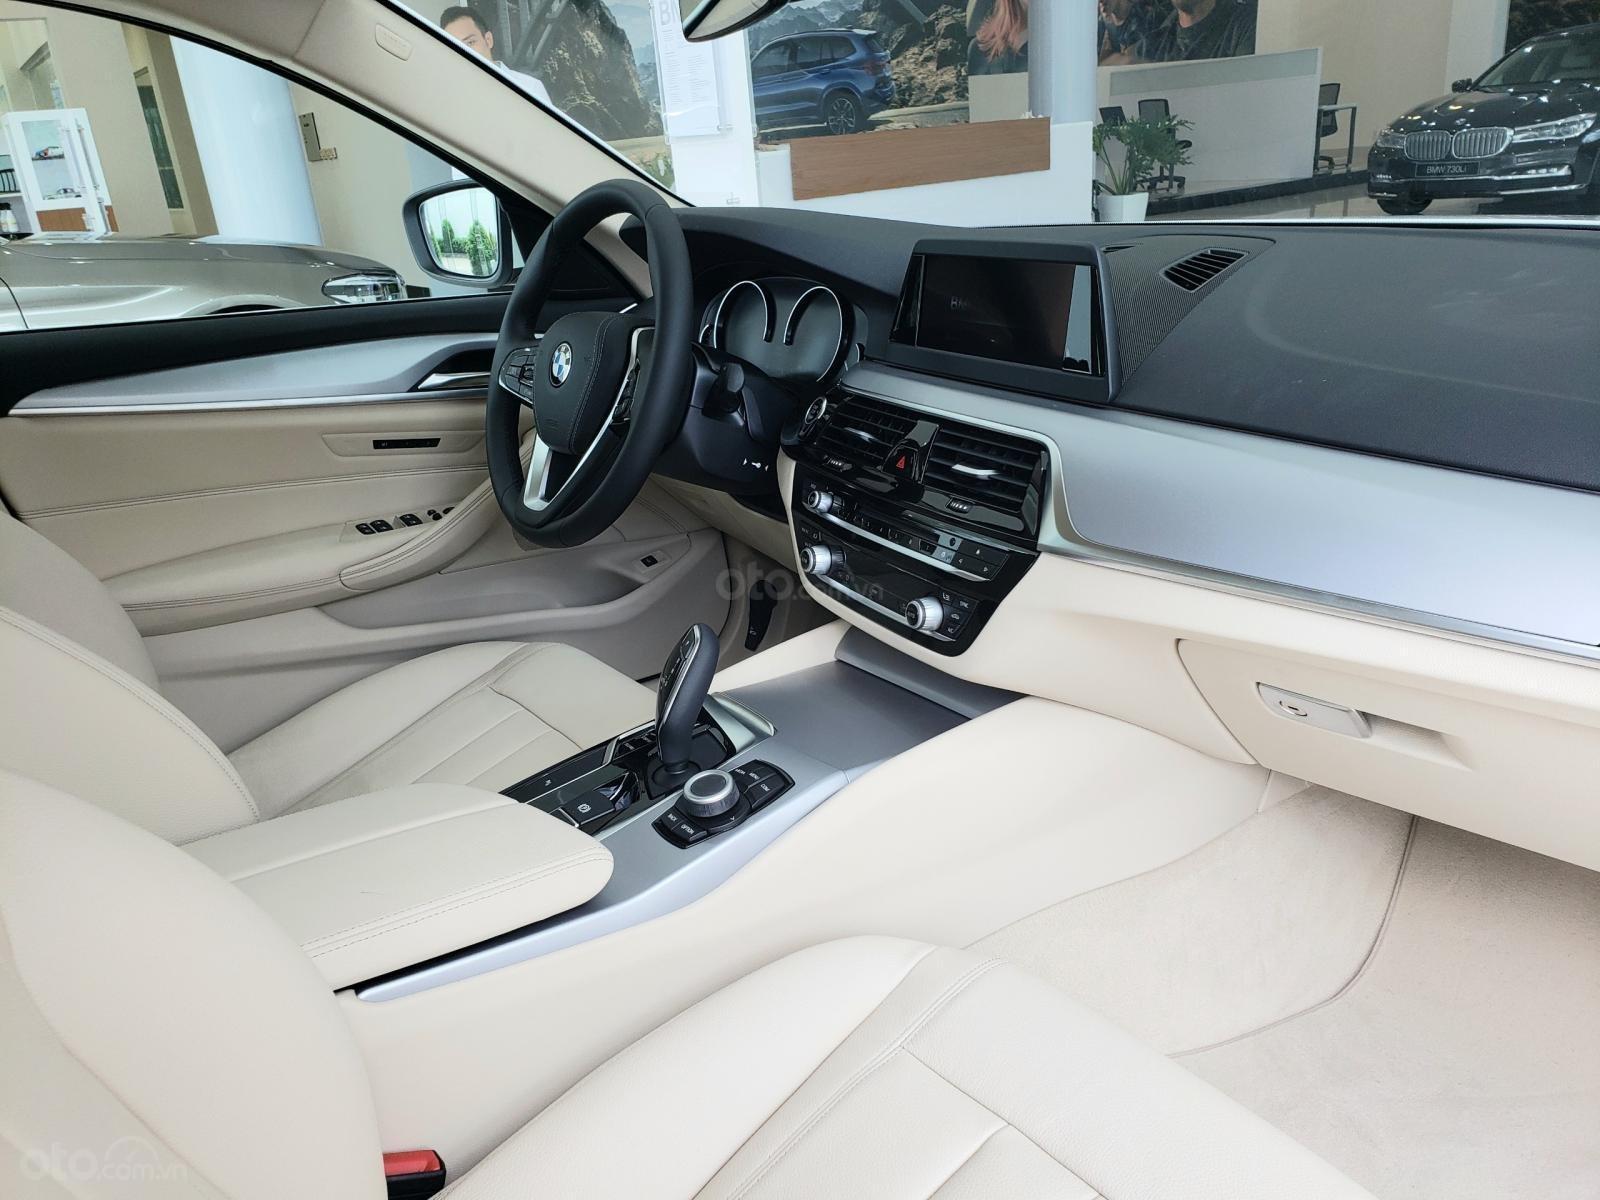 BMW Phú Nhuận - Khuyến mại giảm giá sốc chiếc xe BMW 5 Series 520i - 2019 (5)